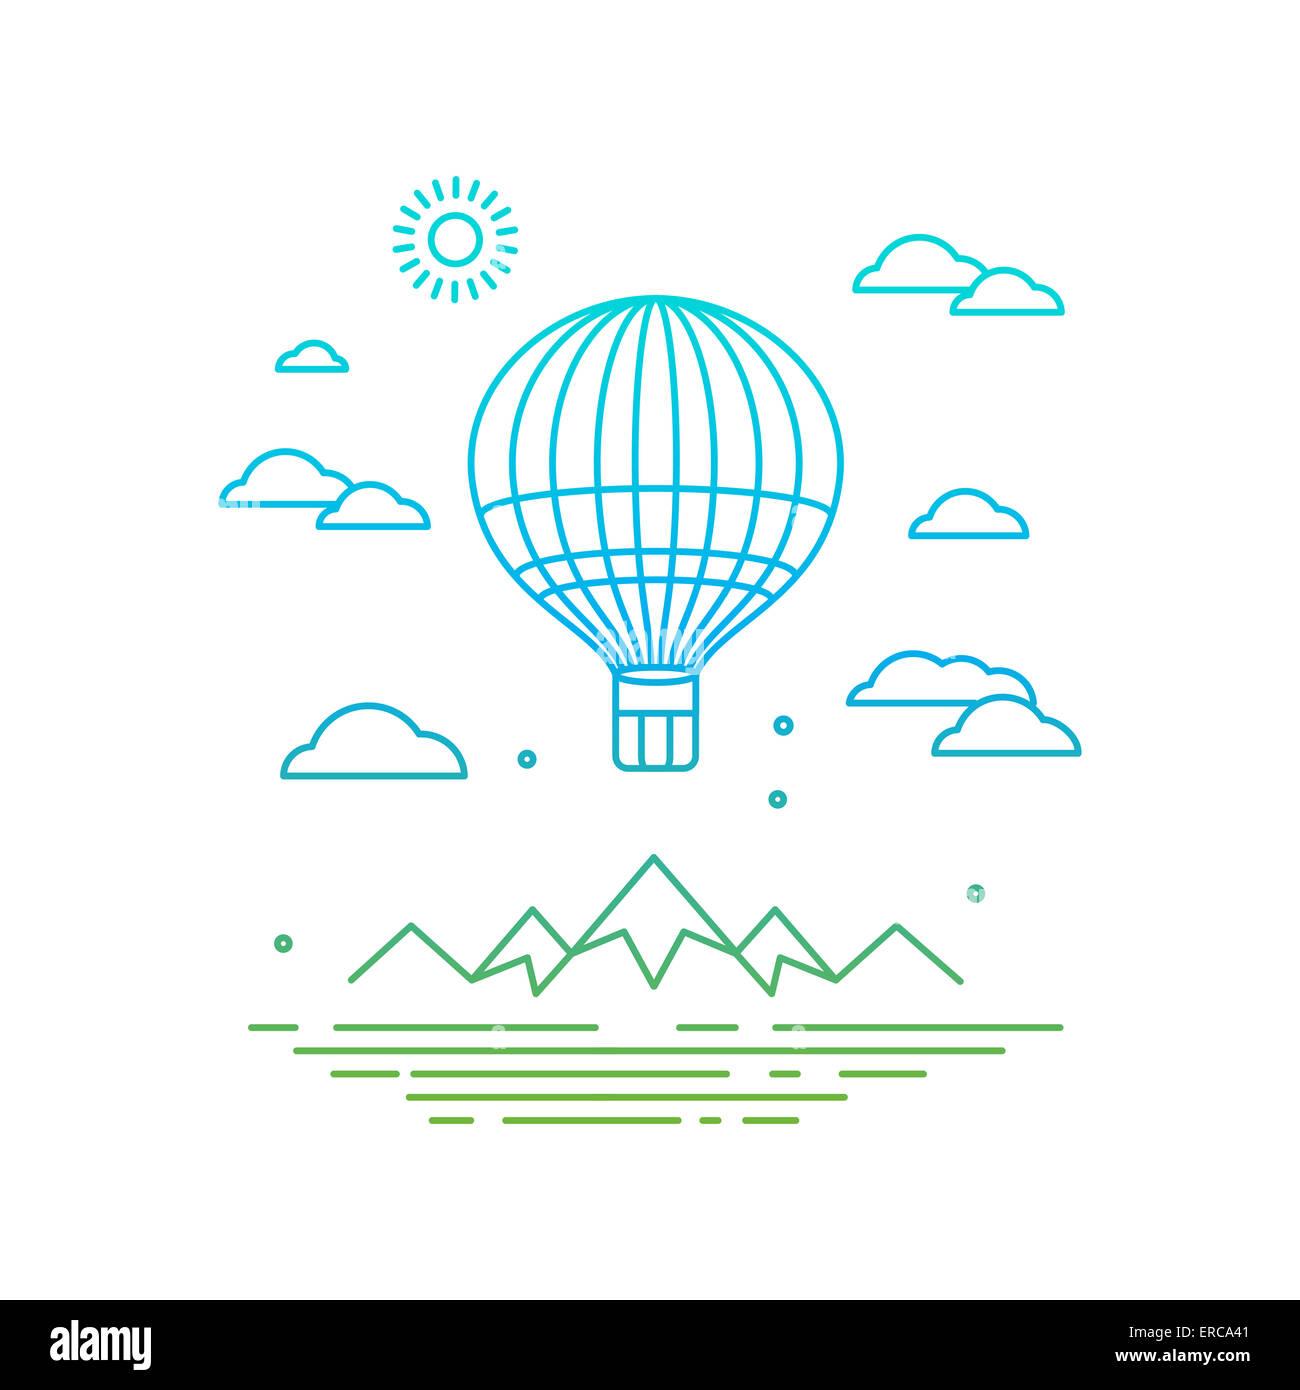 Reisekonzept in linearen Stil - Ballon über die Berge fliegen Stockbild